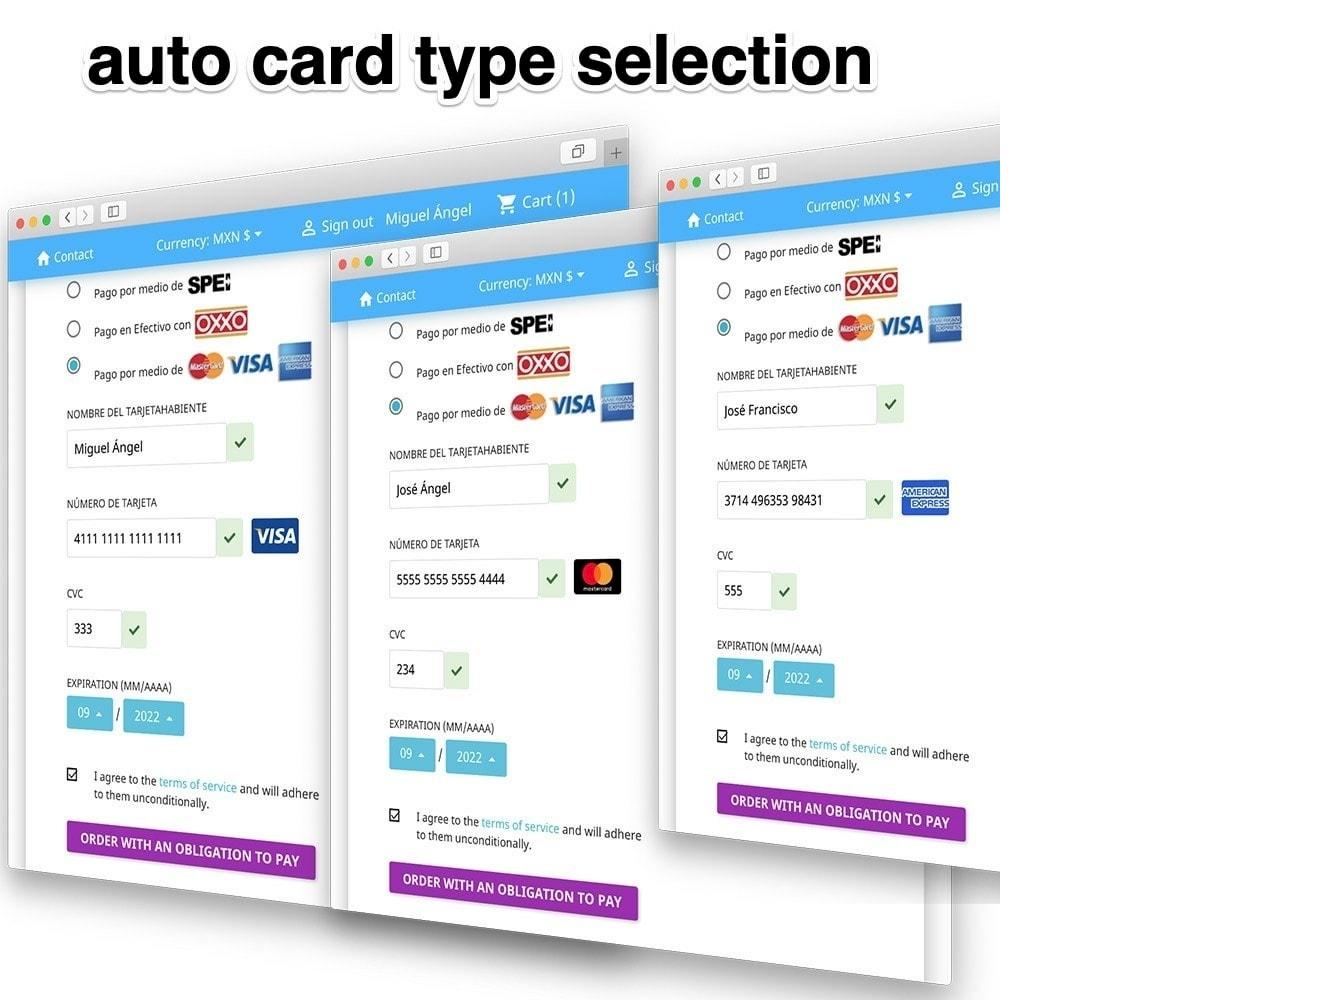 Conekta payments: OXXO, SPEI, Credit and Debit cards